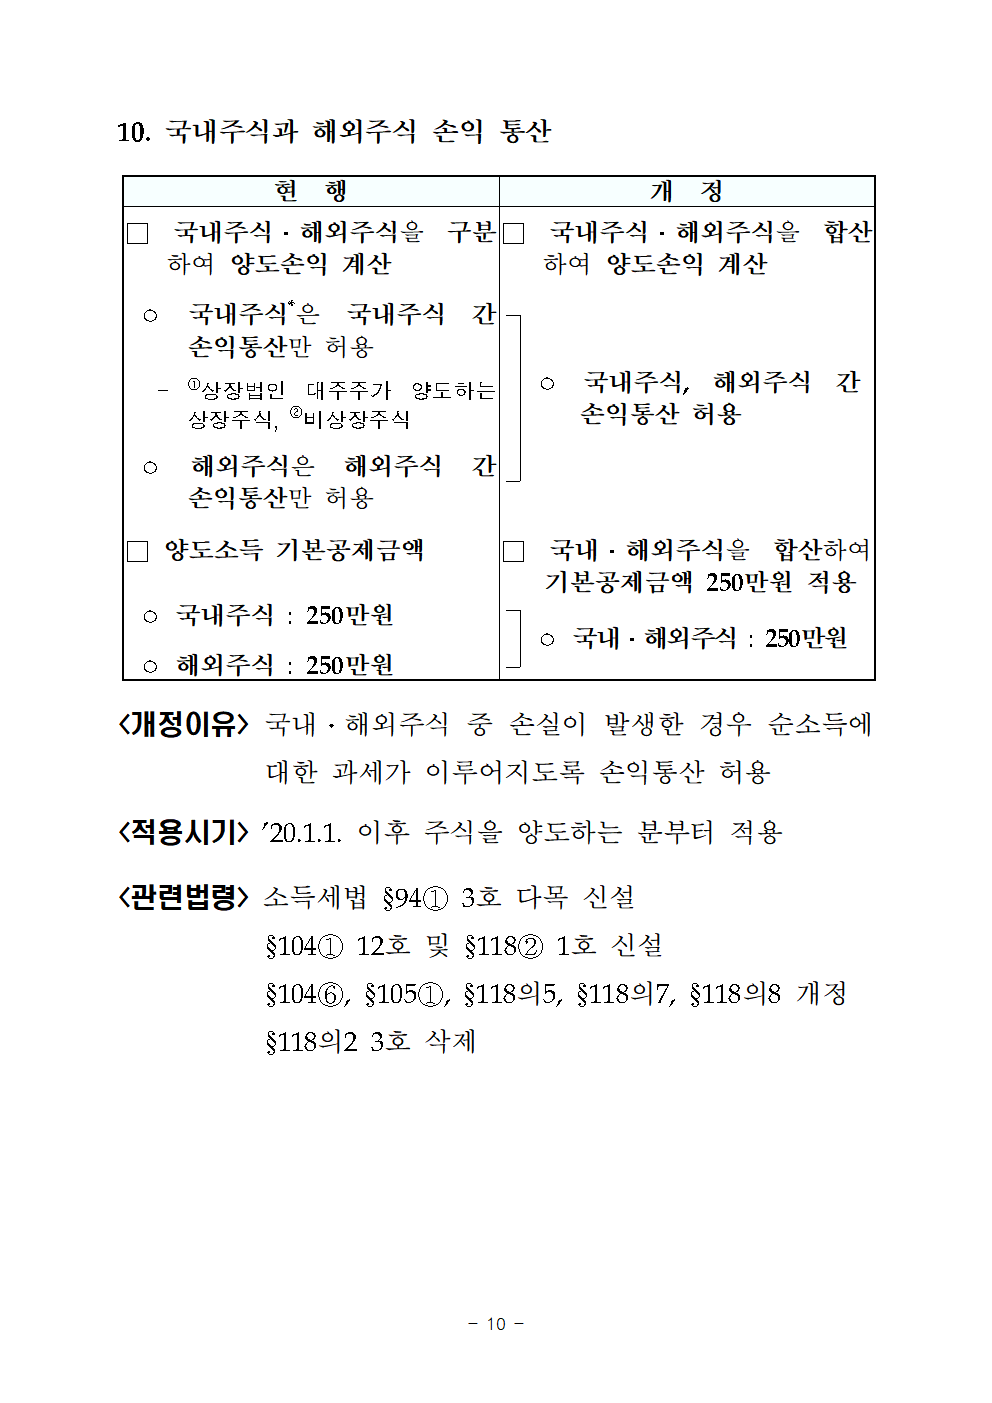 2019년세법개정내용(양도소득세분야)015.png